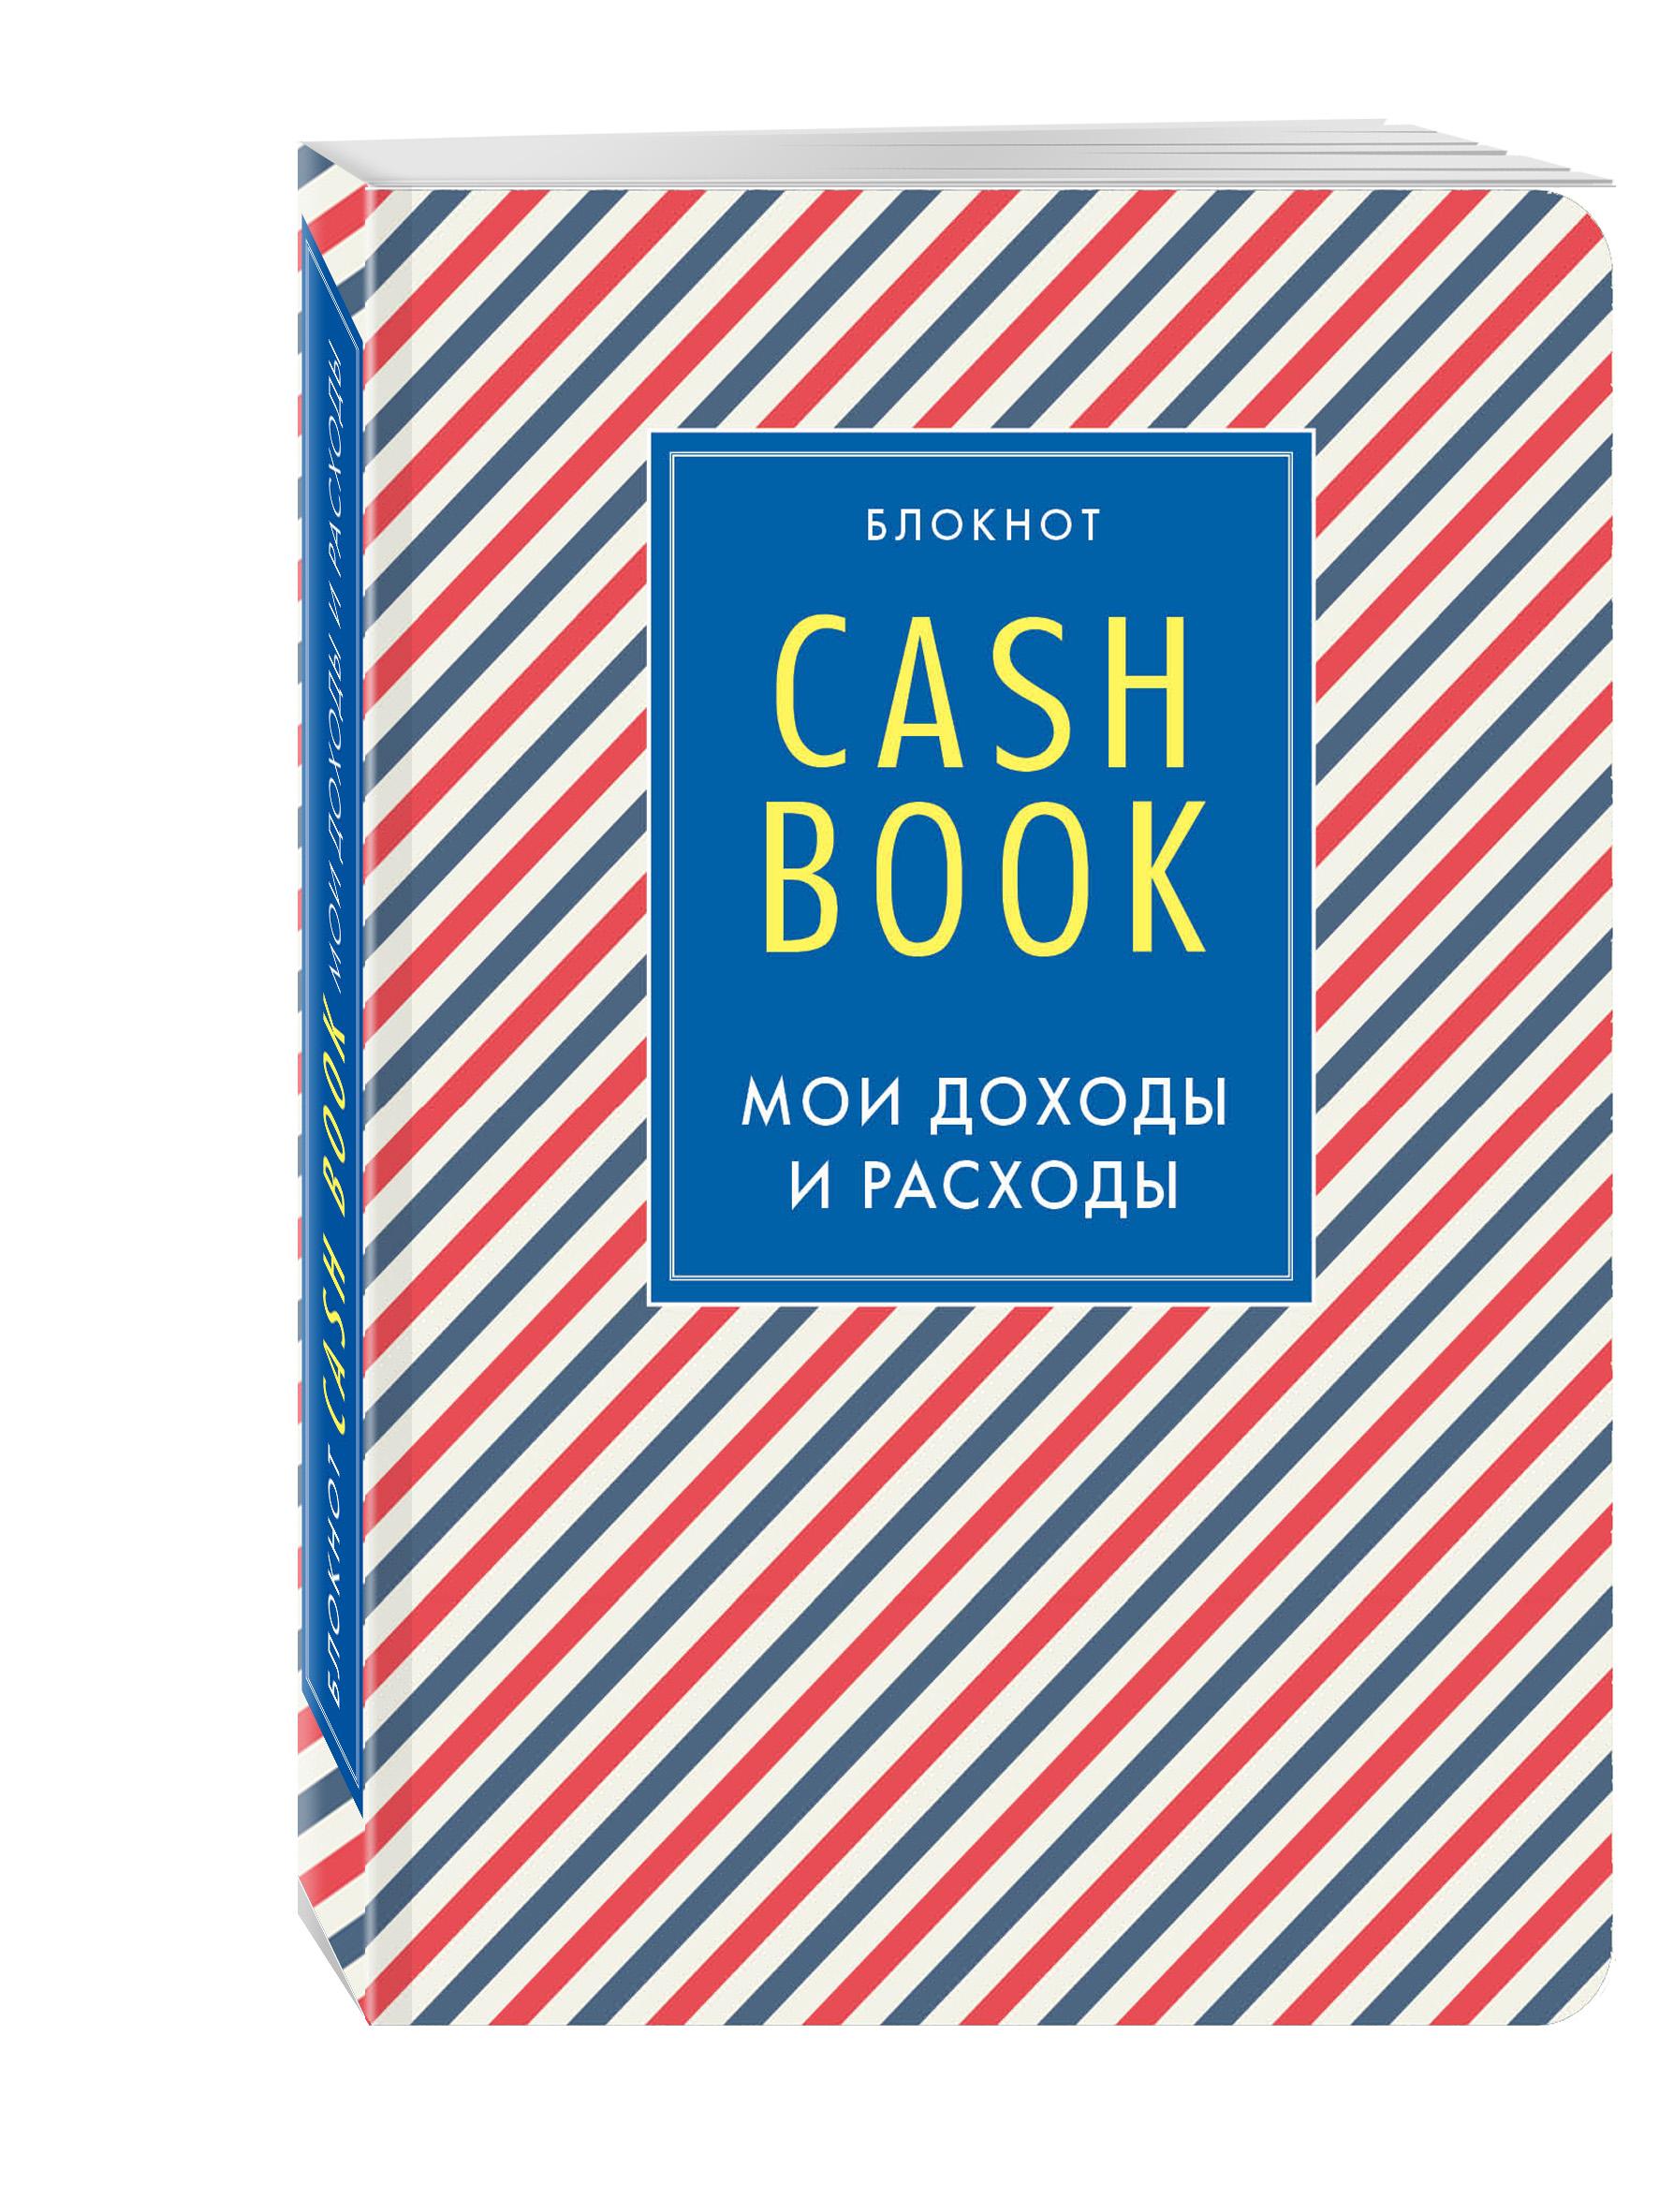 CashBook. Мои доходы и расходы. 4-е издание, 3-е оформление cashbook мои доходы и расходы 4 е изд 3 е оф